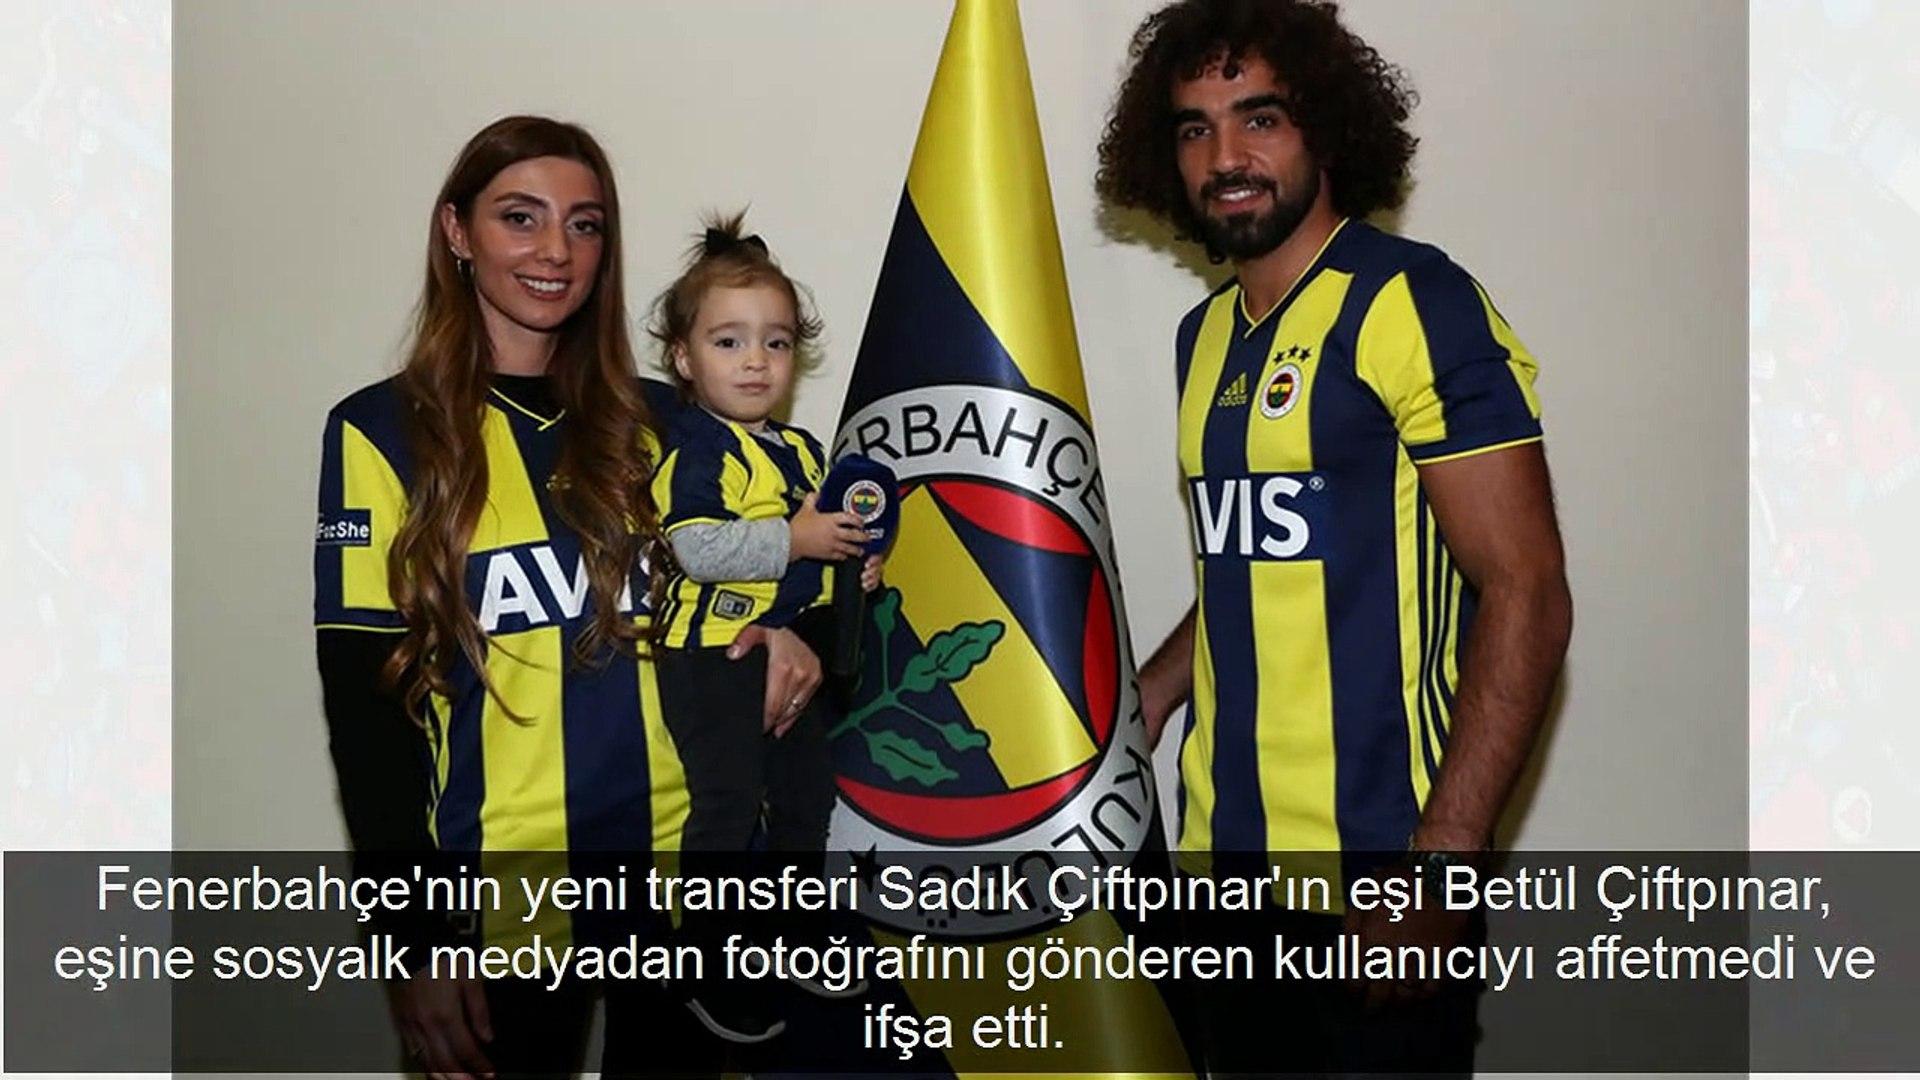 Fenerbahçe'nin yeni yengesi, eşine DM'den yürüyen kadını ifşa etti